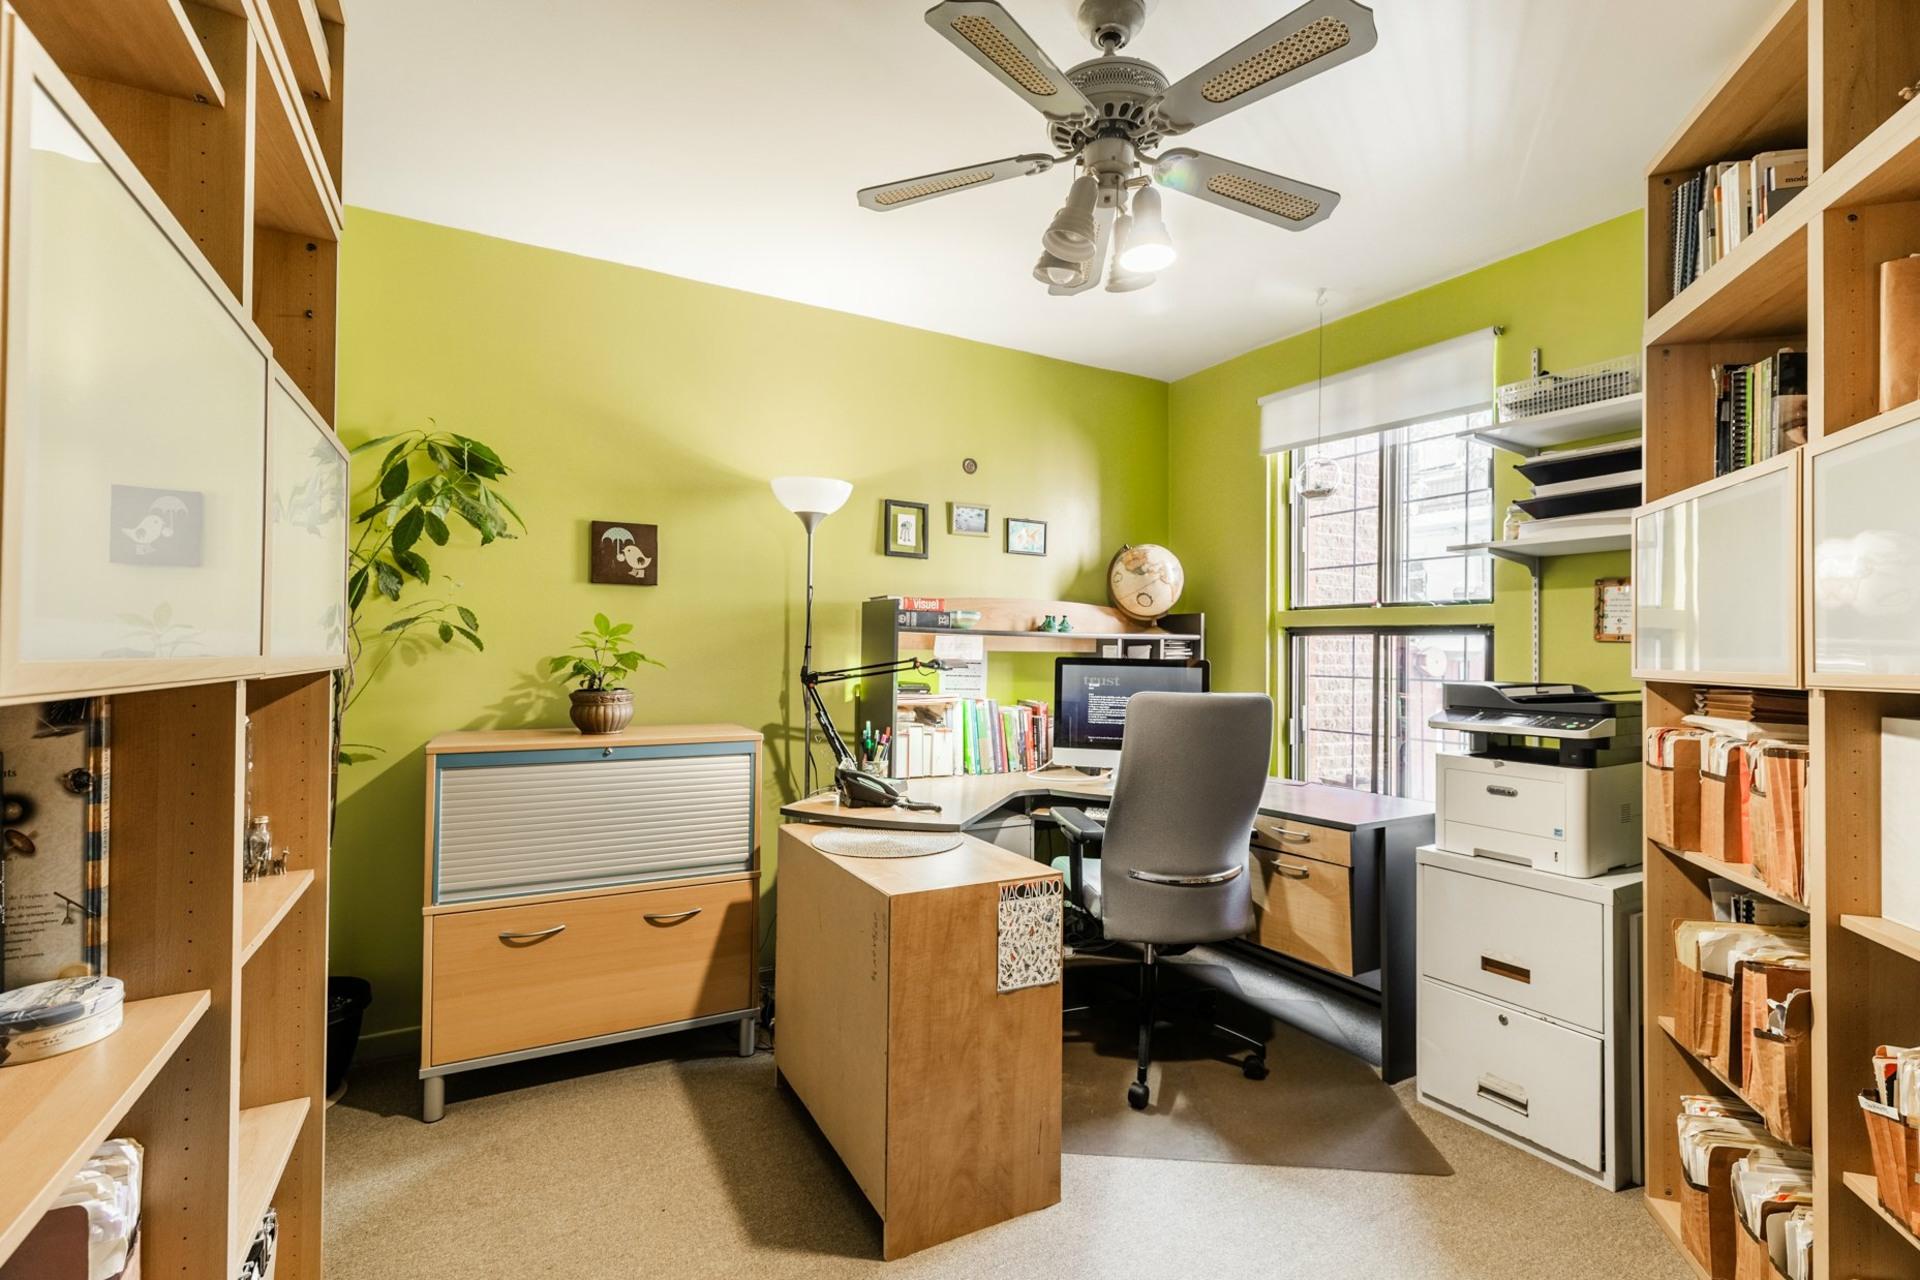 image 6 - Apartment For sale Le Plateau-Mont-Royal Montréal  - 6 rooms